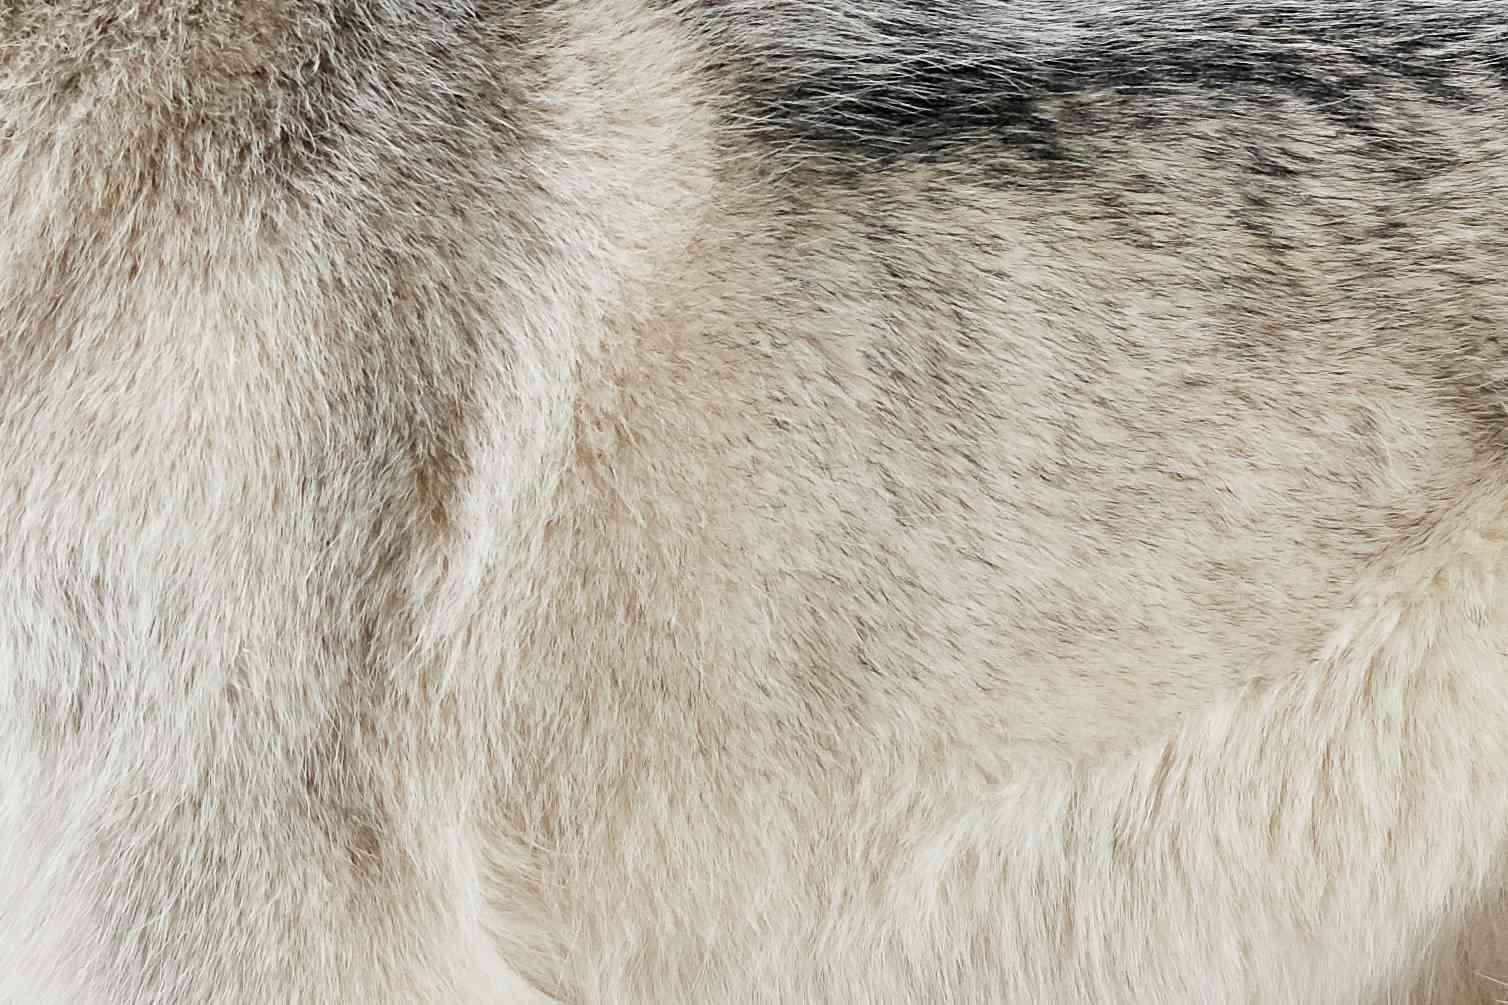 Primer plano de la piel de un husky siberiano